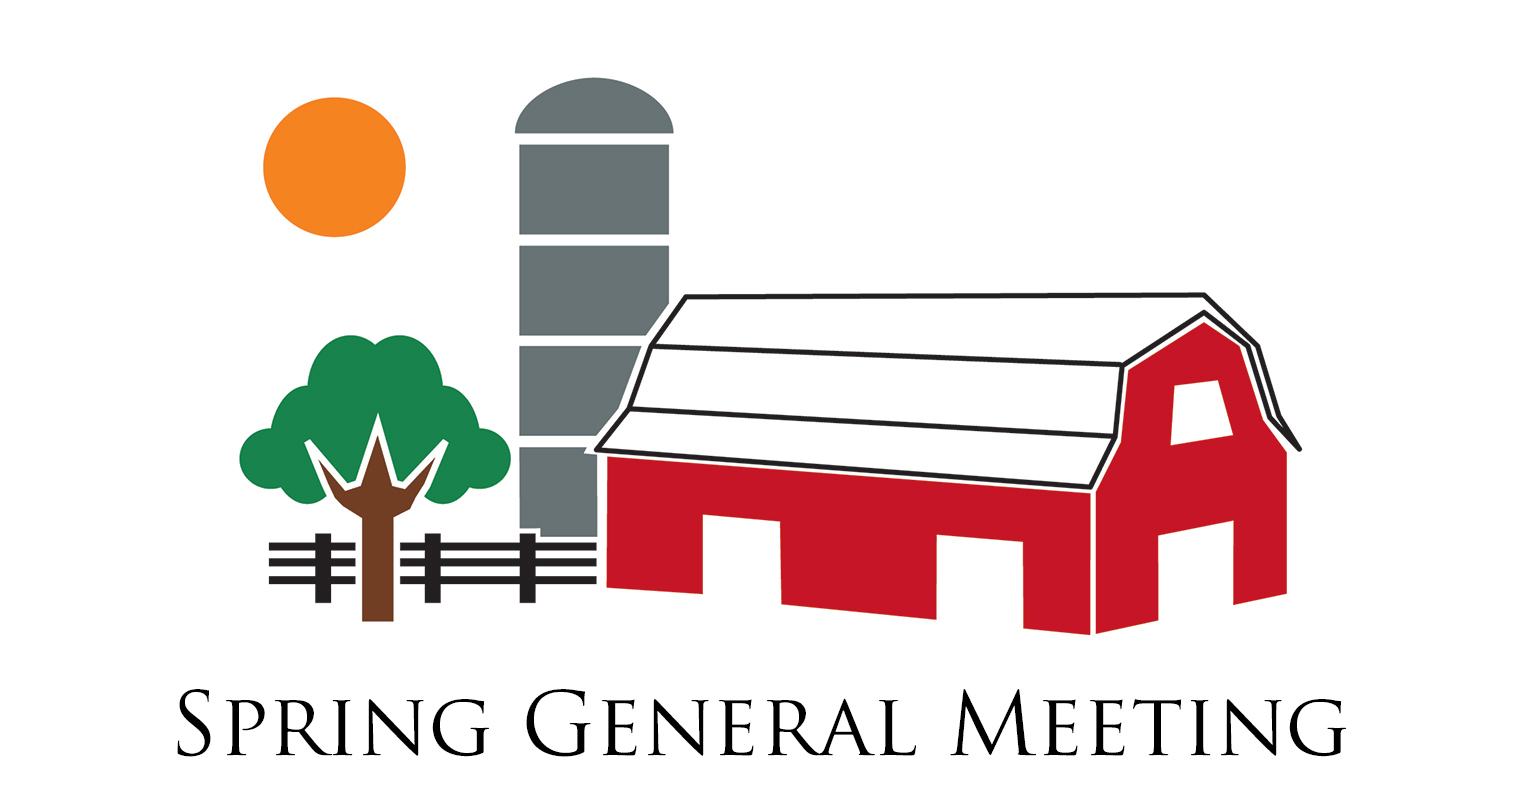 Spring 2019 General Meeting Roundup